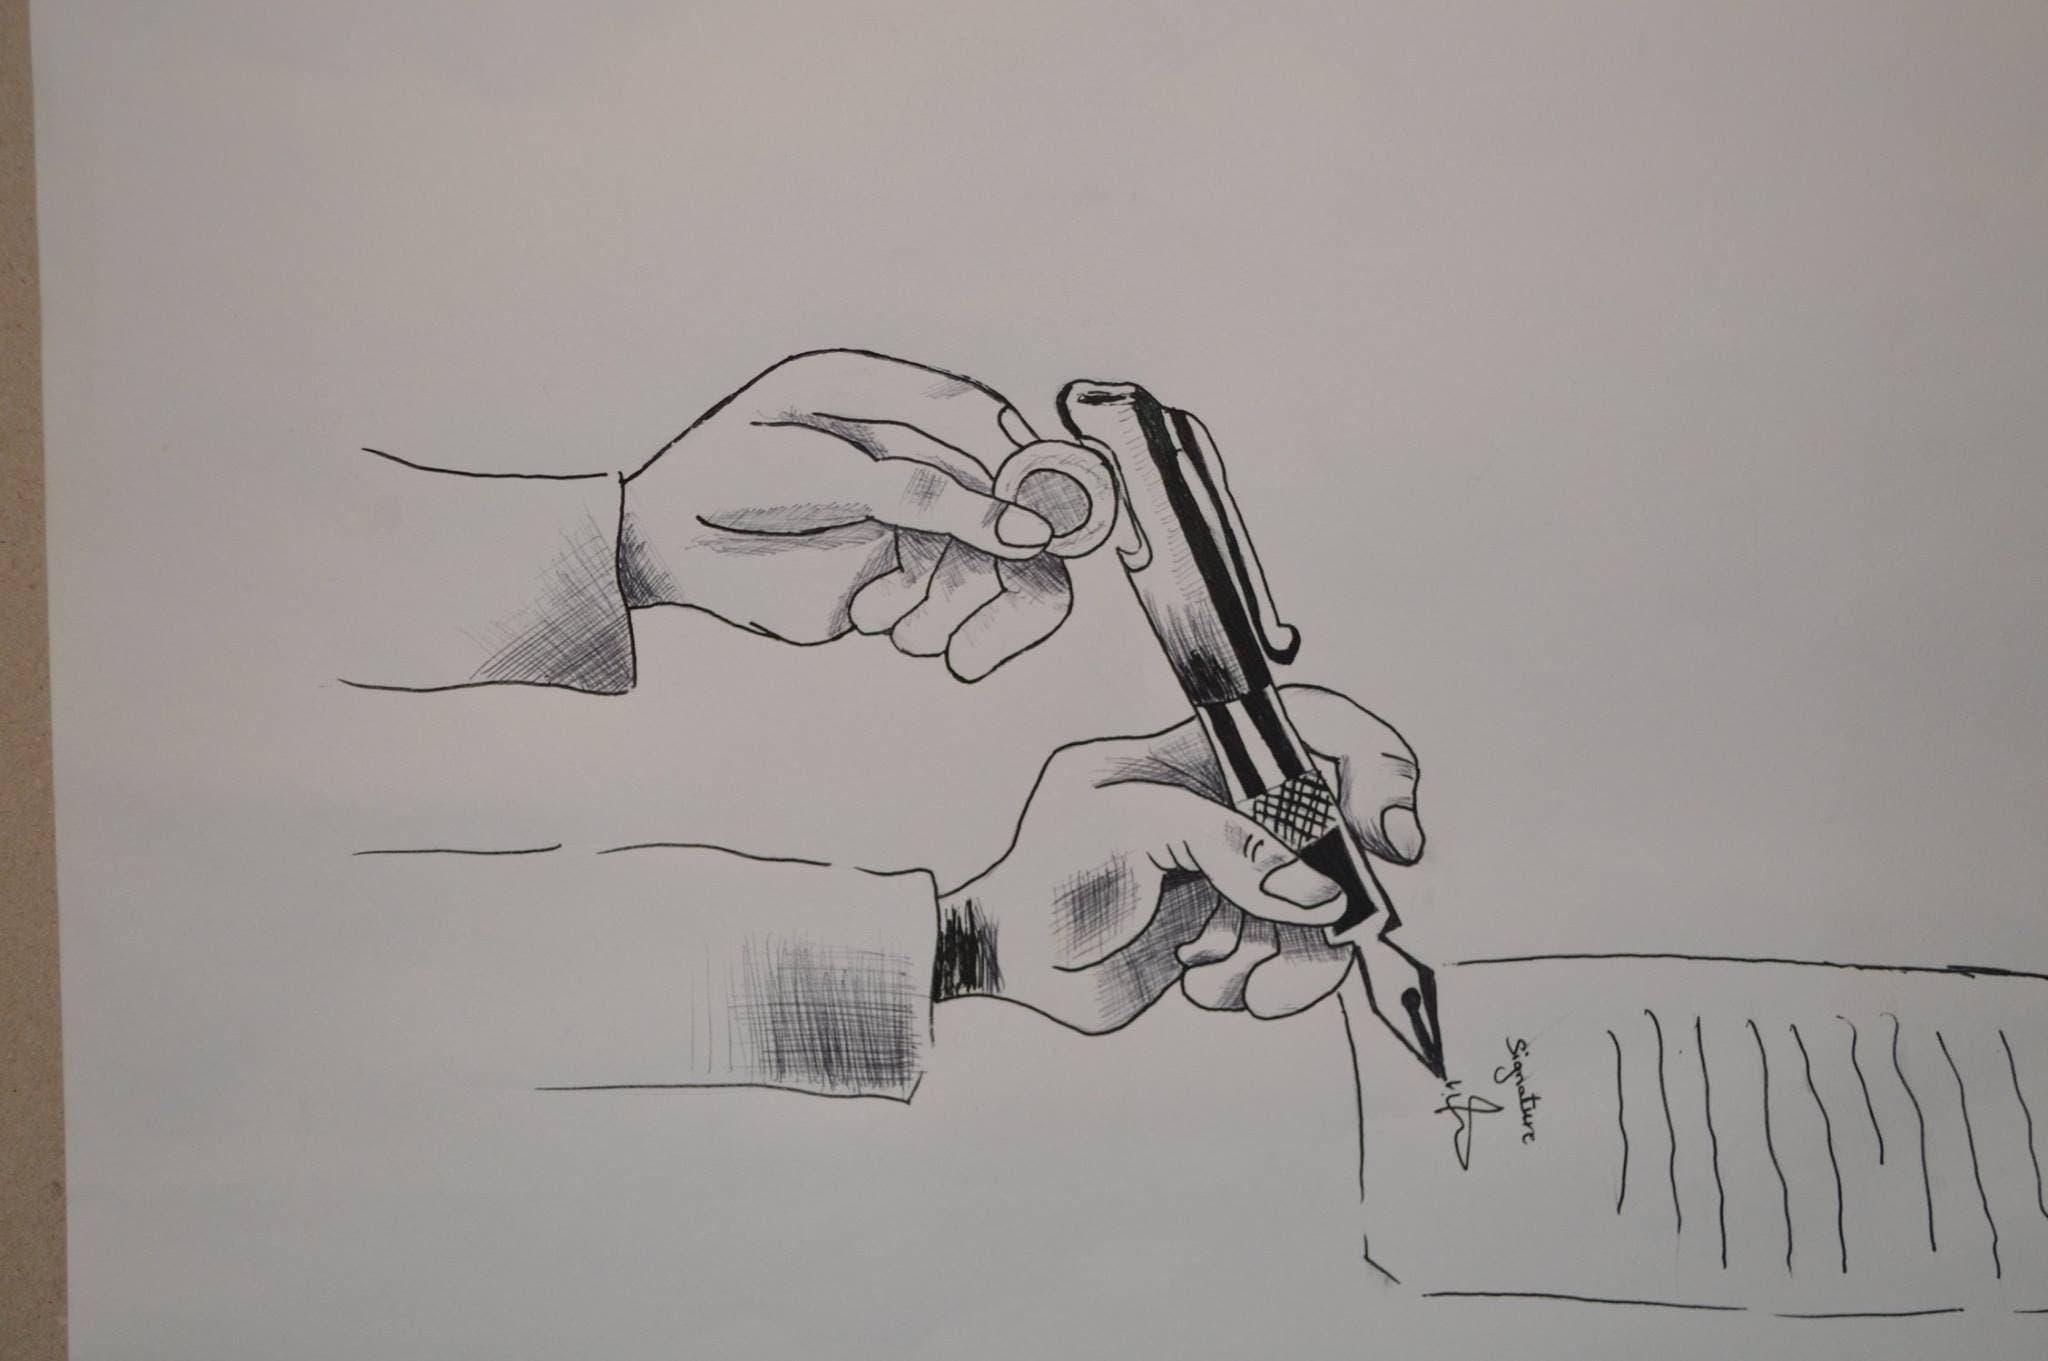 رسوم لتلاميذ مغاربة في إدانة انتشار الرشوة